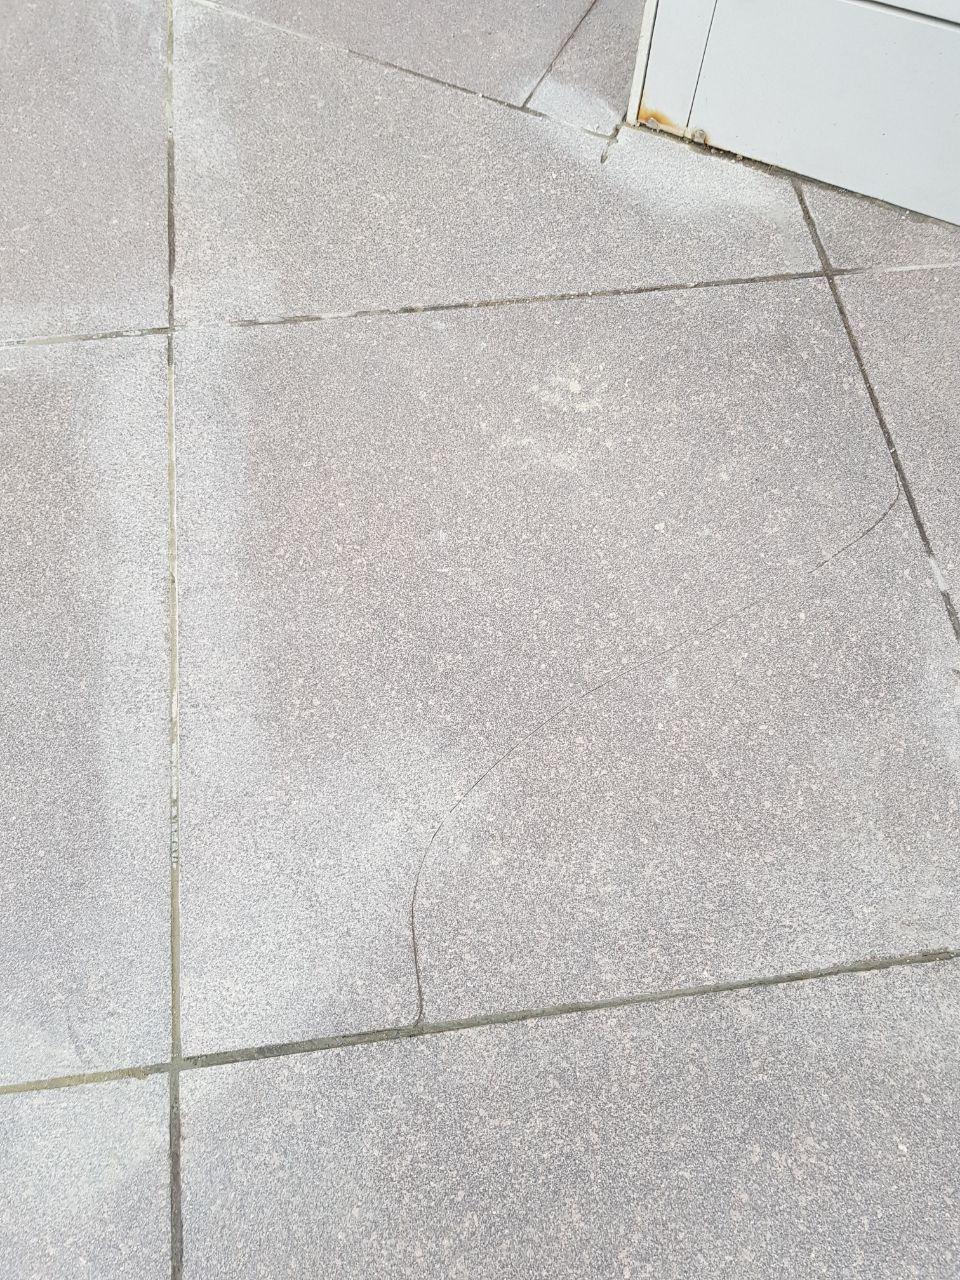 фасадная плитка на полу крыльца с трещинами.jpg, 374.22 kb, 960 x 1280